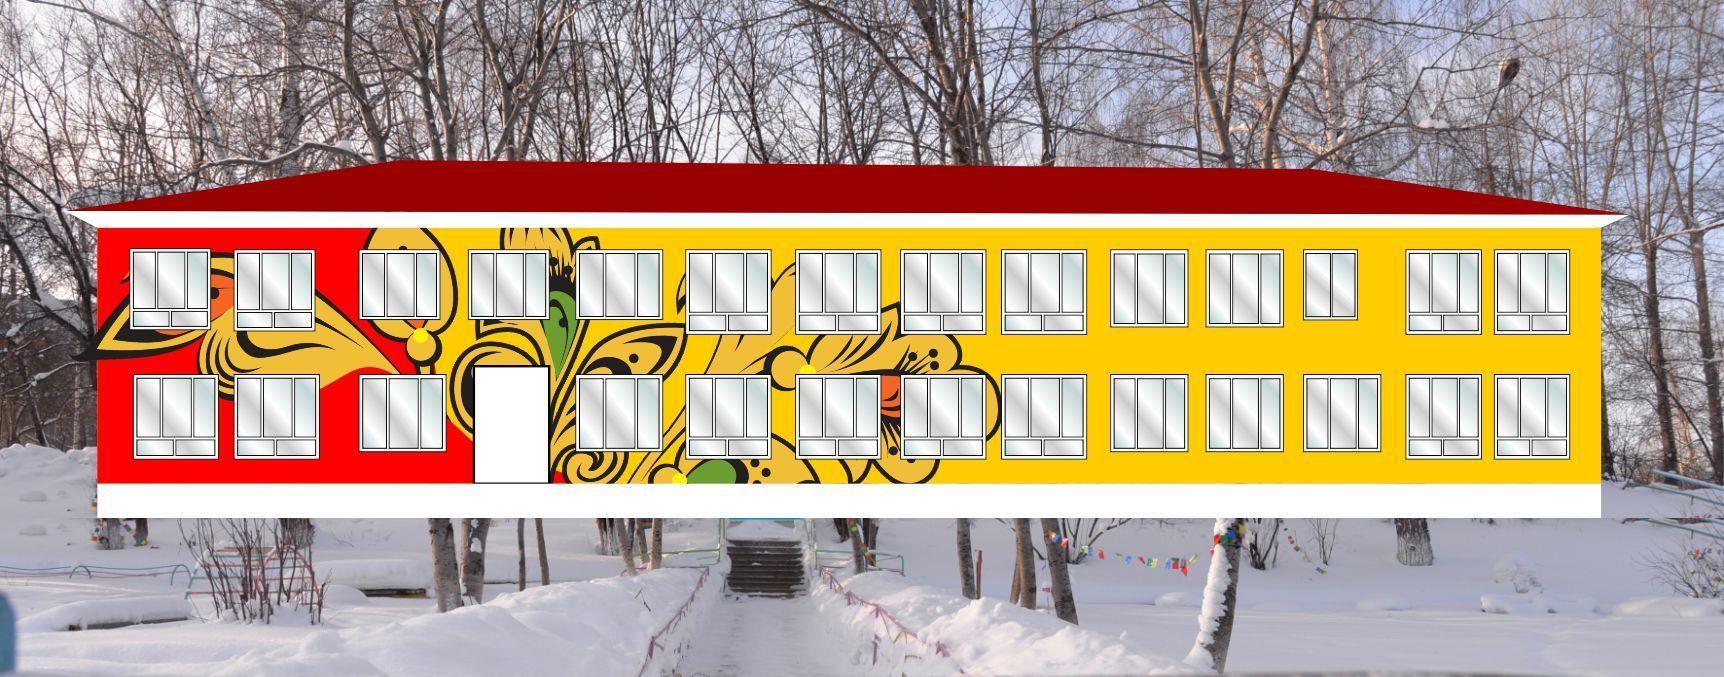 Так здание на улице Пушкина будет выглядеть после ремонта